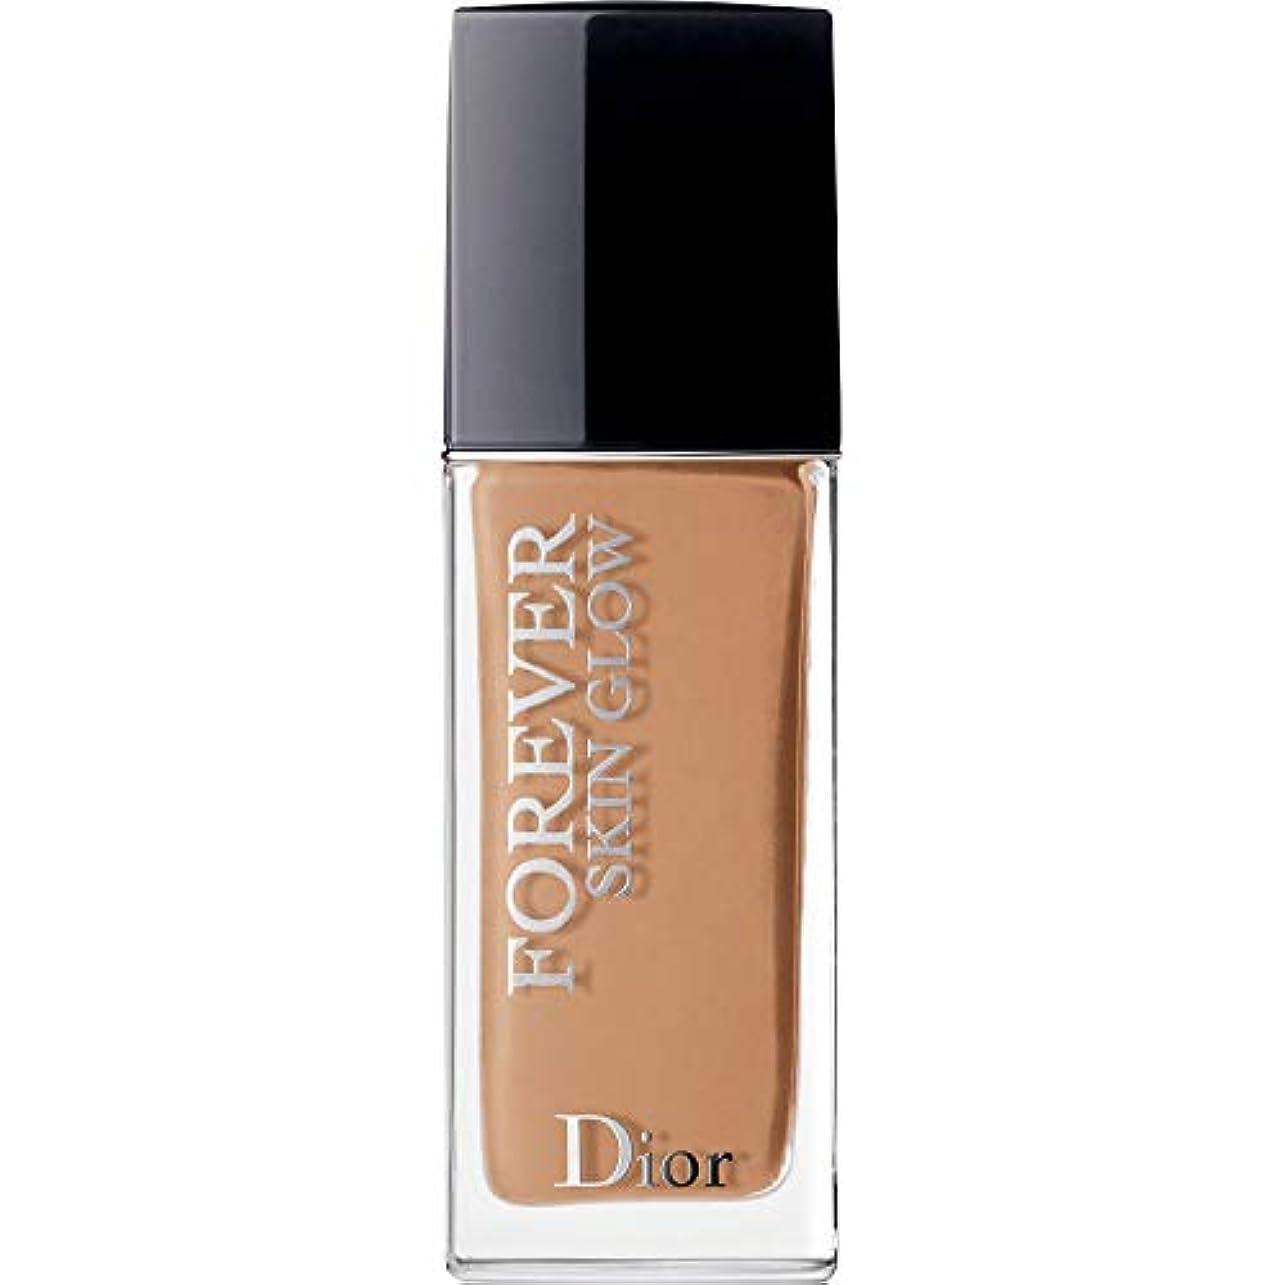 小さい成果バルーン[Dior ] ディオール永遠肌の輝き肌思いやりの基礎Spf35 30ミリリットルの4.5ワット - 暖かい(肌の輝き) - DIOR Forever Skin Glow Skin-Caring Foundation SPF35...